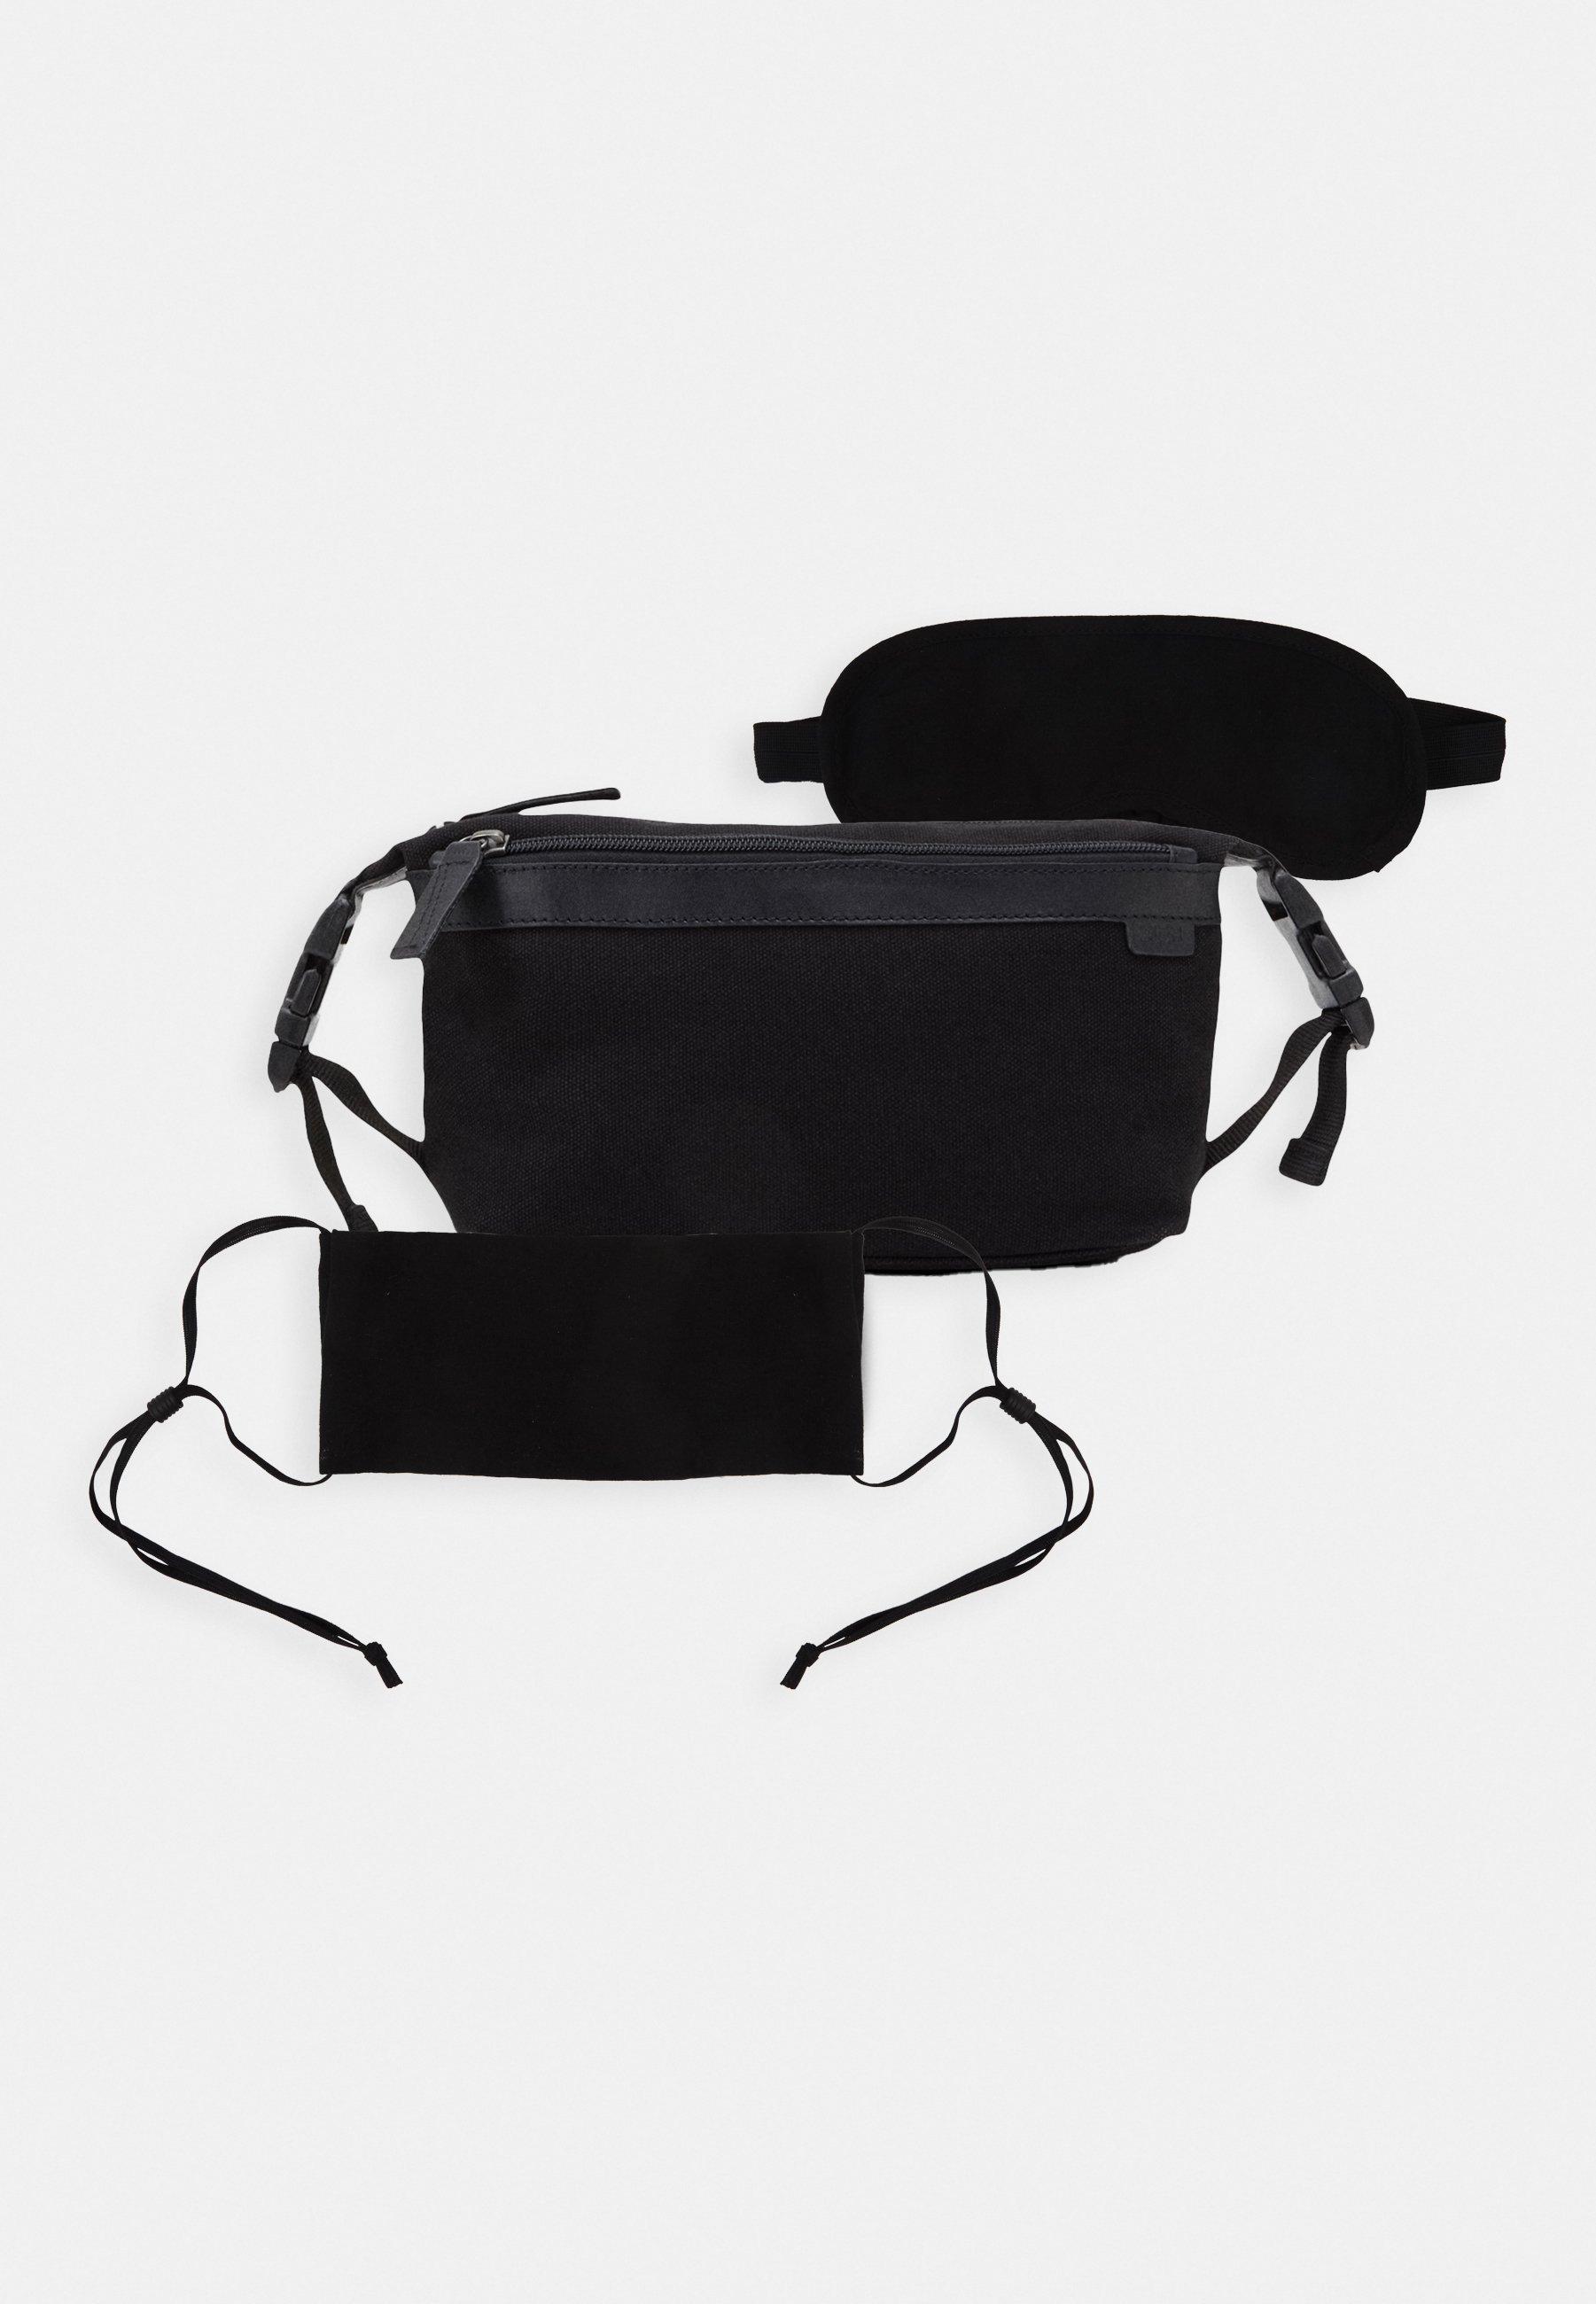 Men UNISEX STOFFMASKE - SCHLAFMASKE - Wash bag